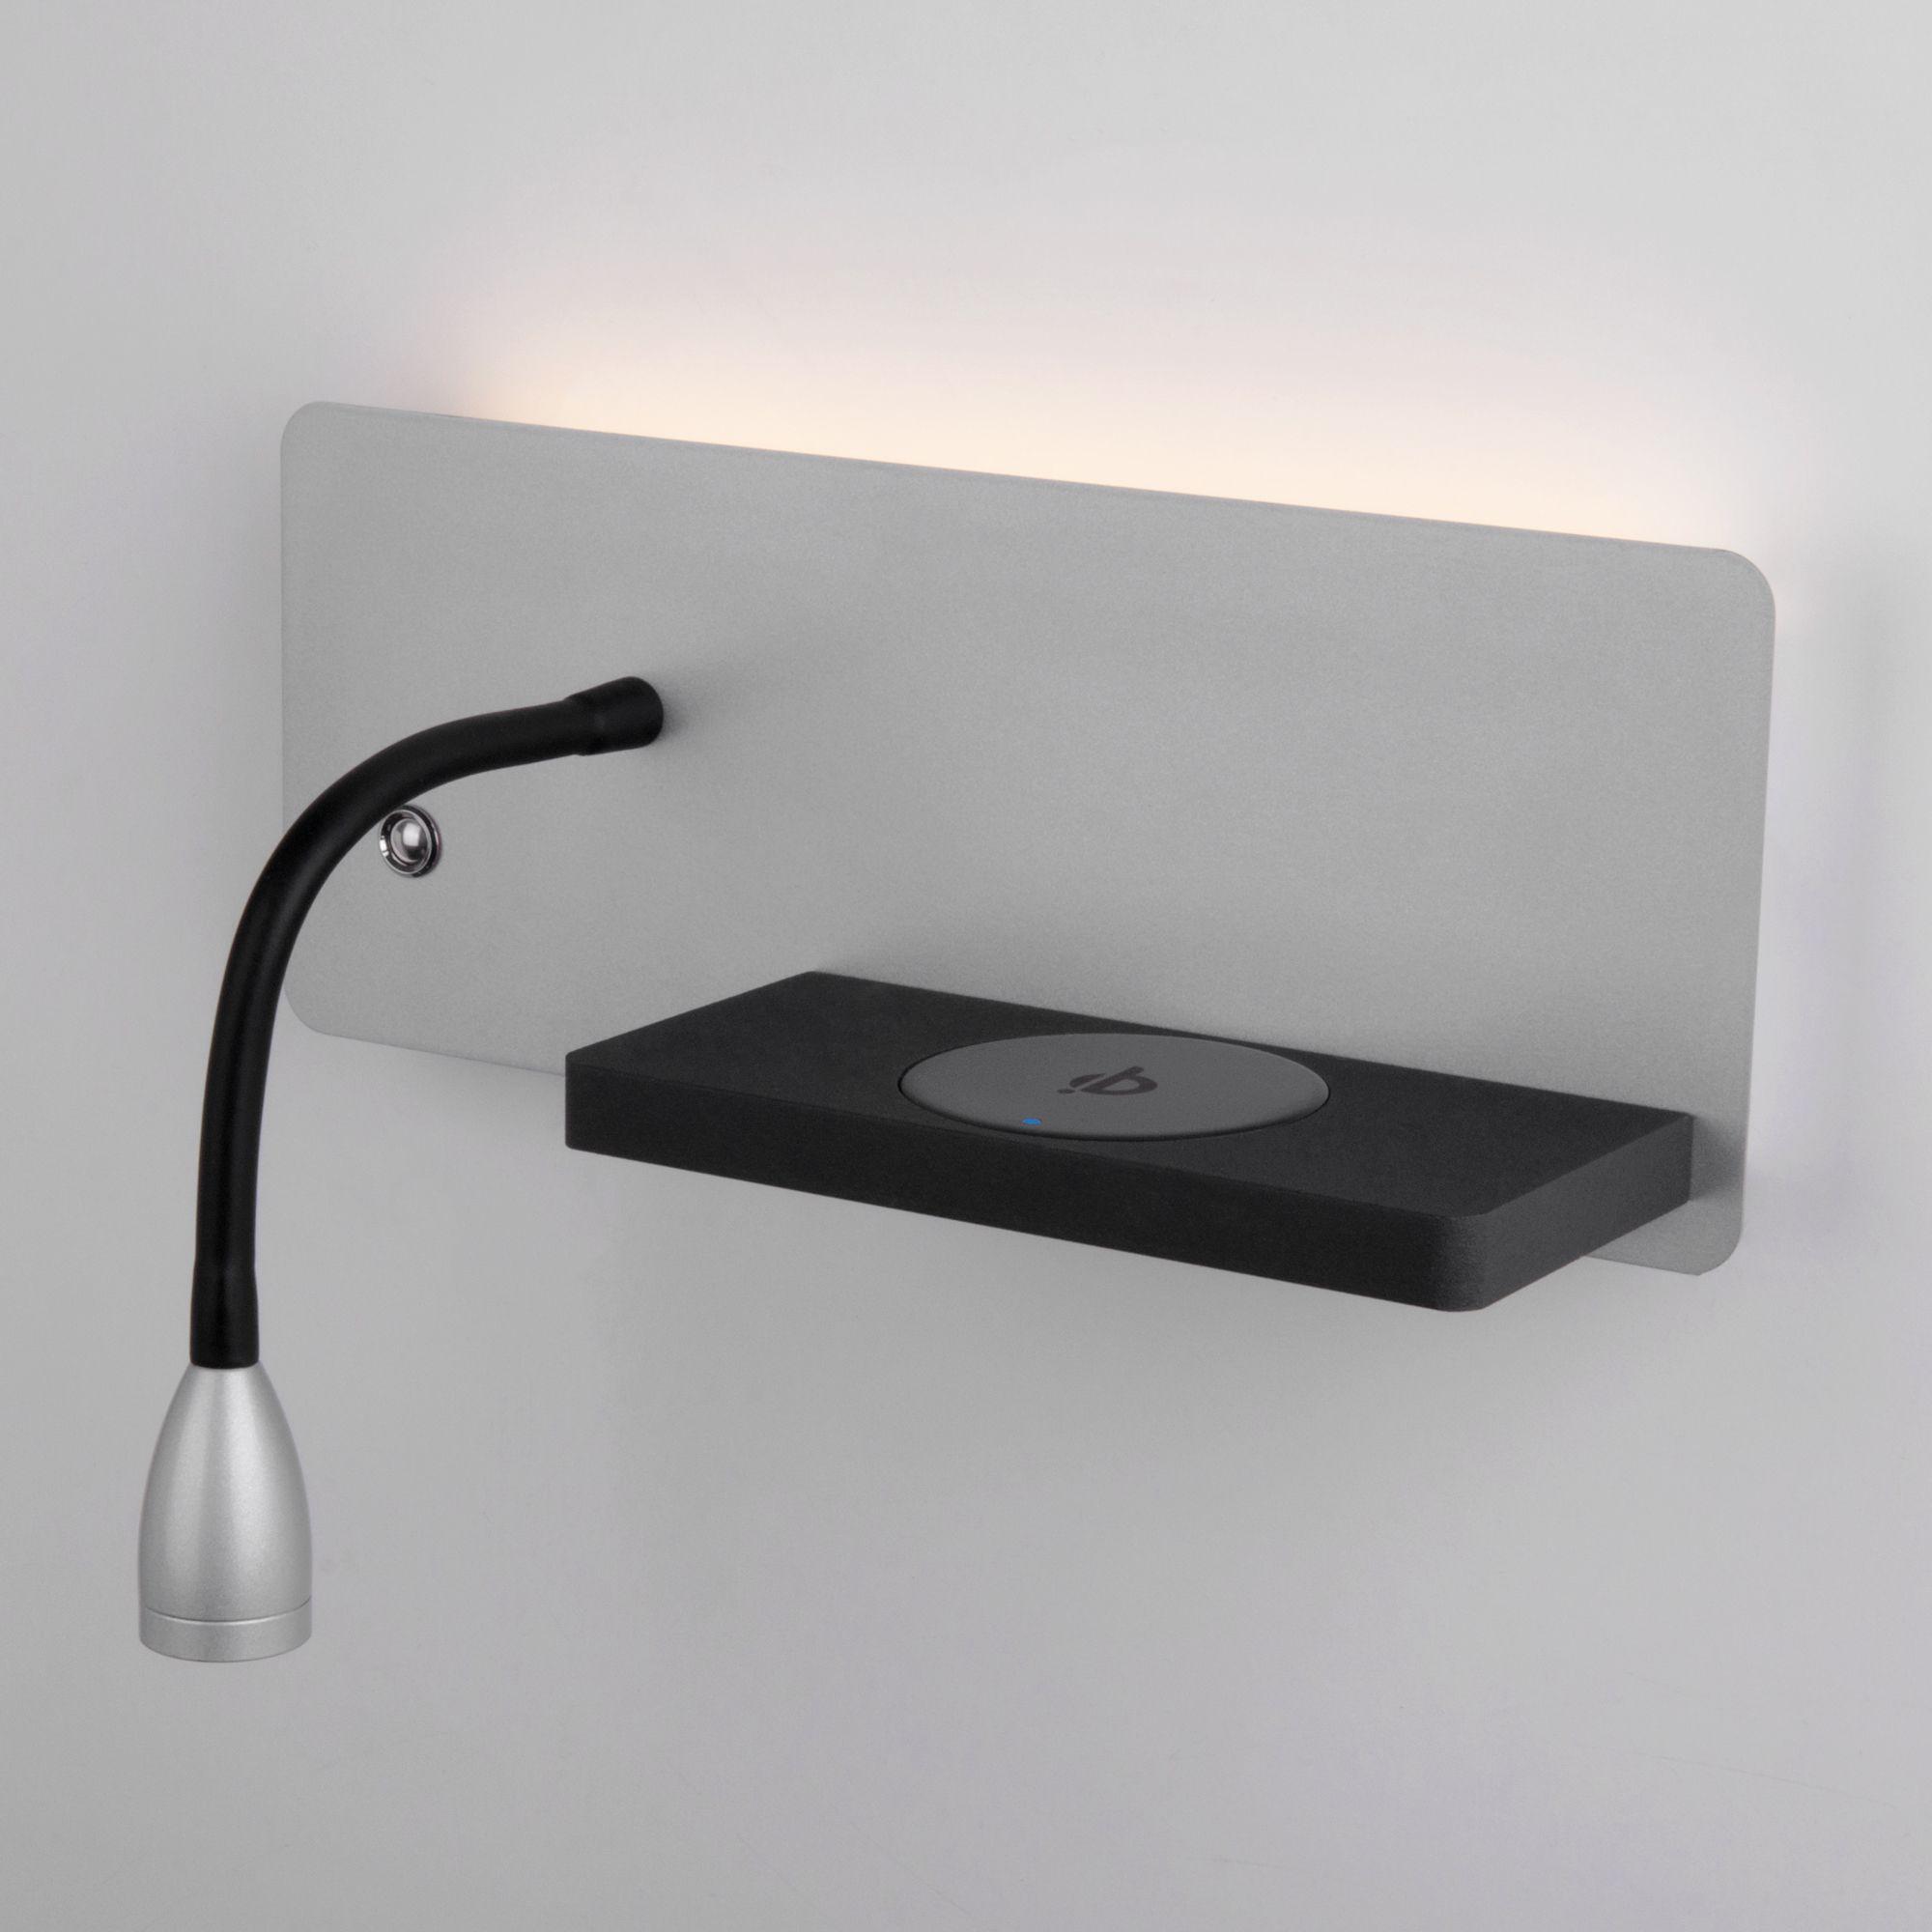 Настенный светодиодный светильник с  беспроводной зарядкой Kofro R LED (правый) MRL LED 1112 серебро